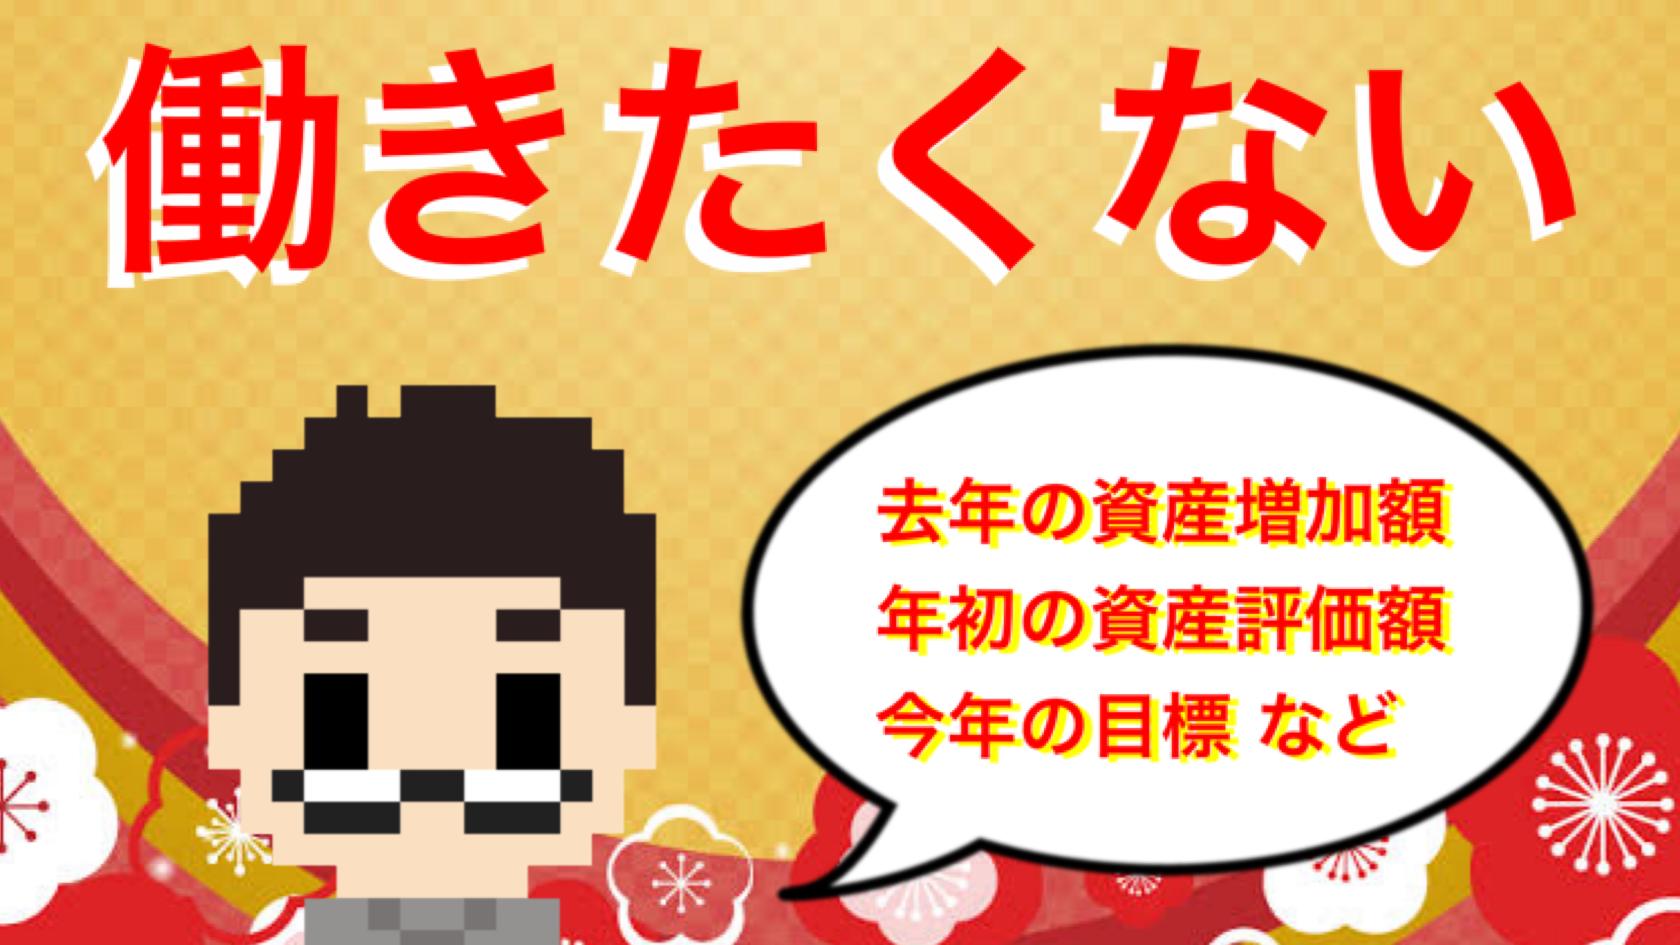 f:id:Hakurei:20201231180612p:plain